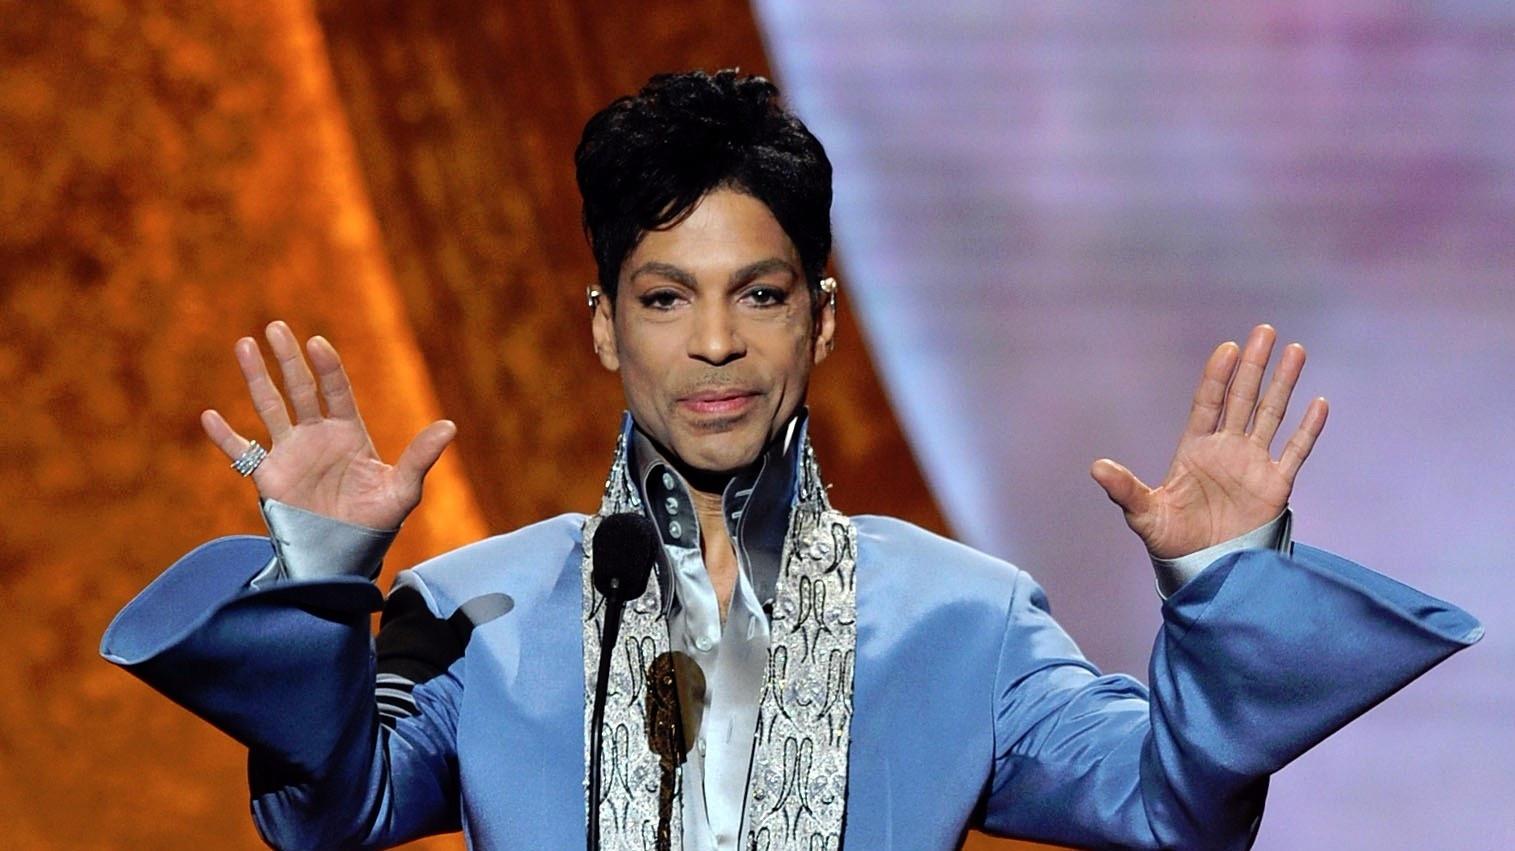 21апреля выйдет новый альбом авторства Prince